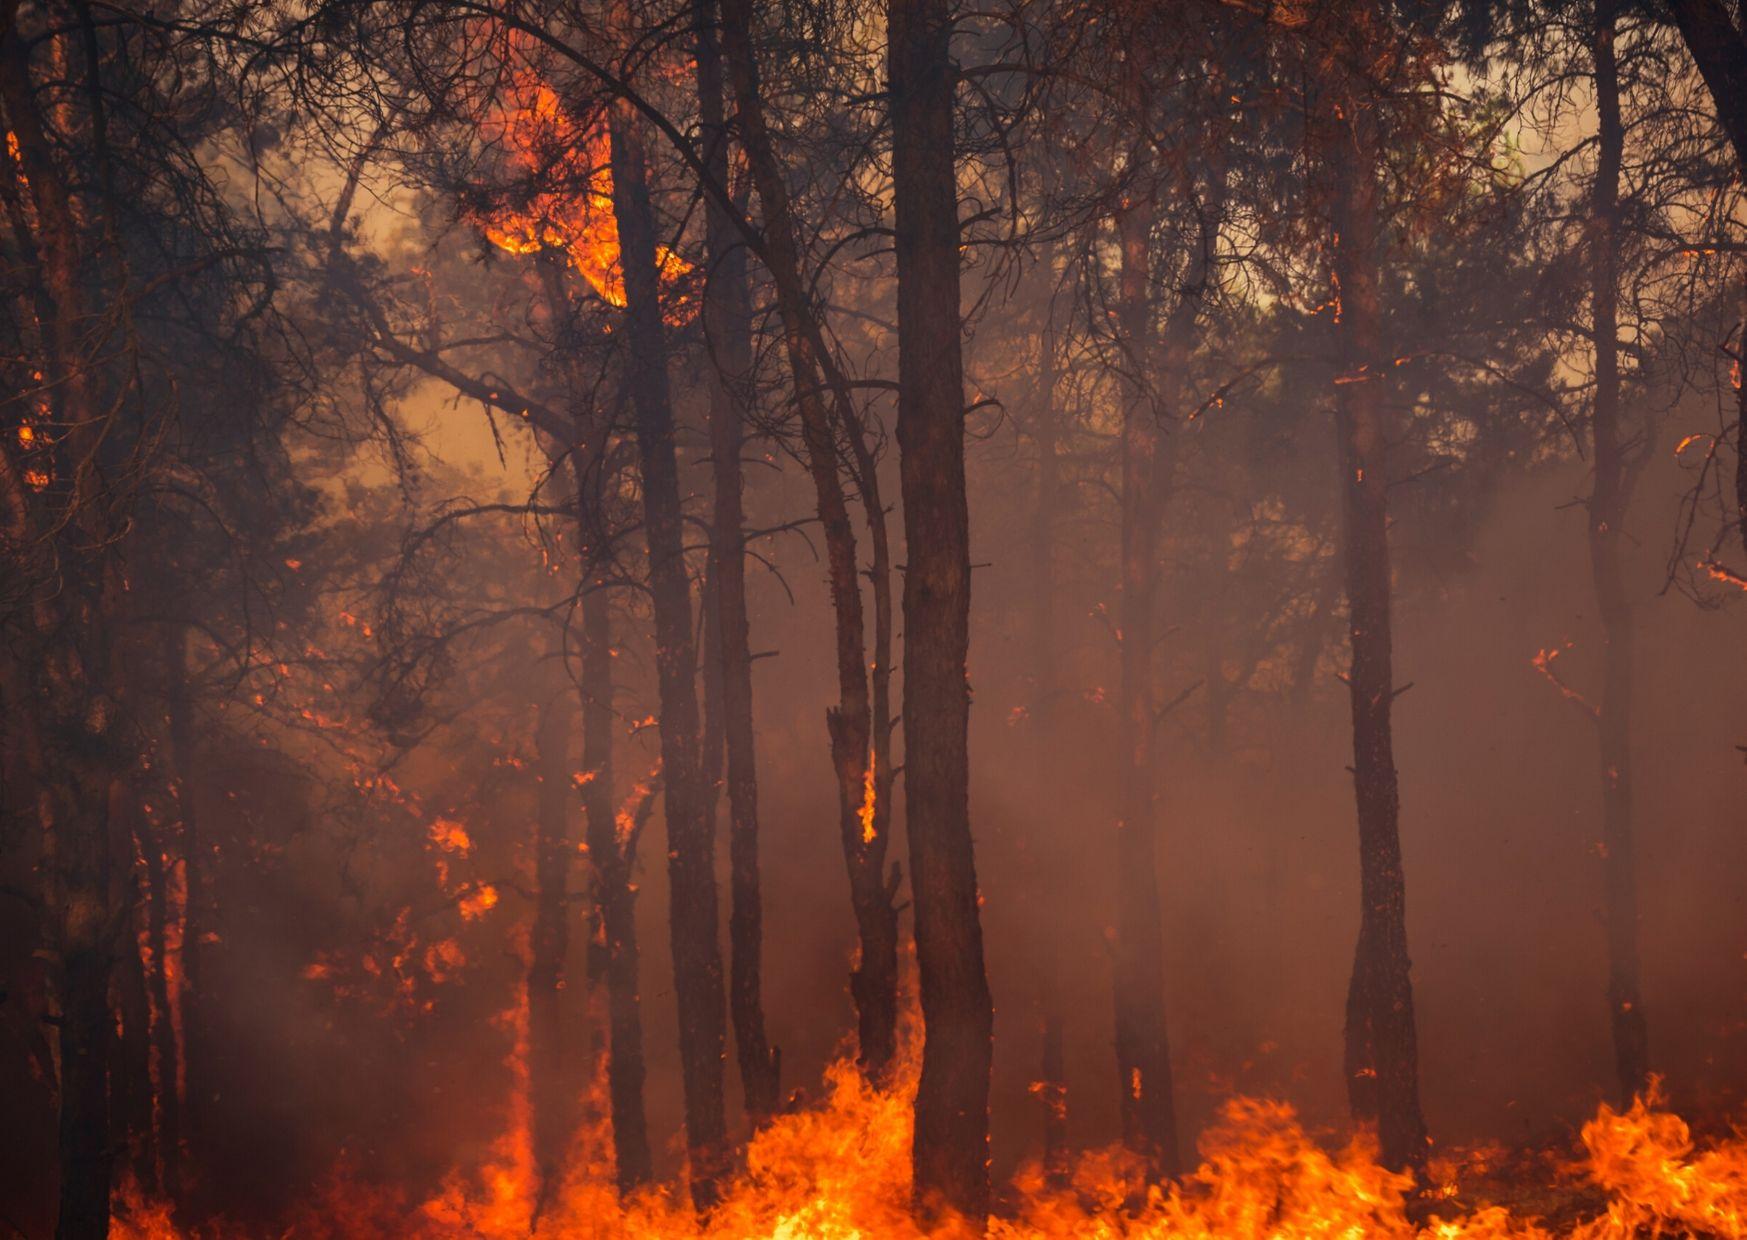 Коронавирус и лесные пожары: повторится ли сценарий 2019 года?